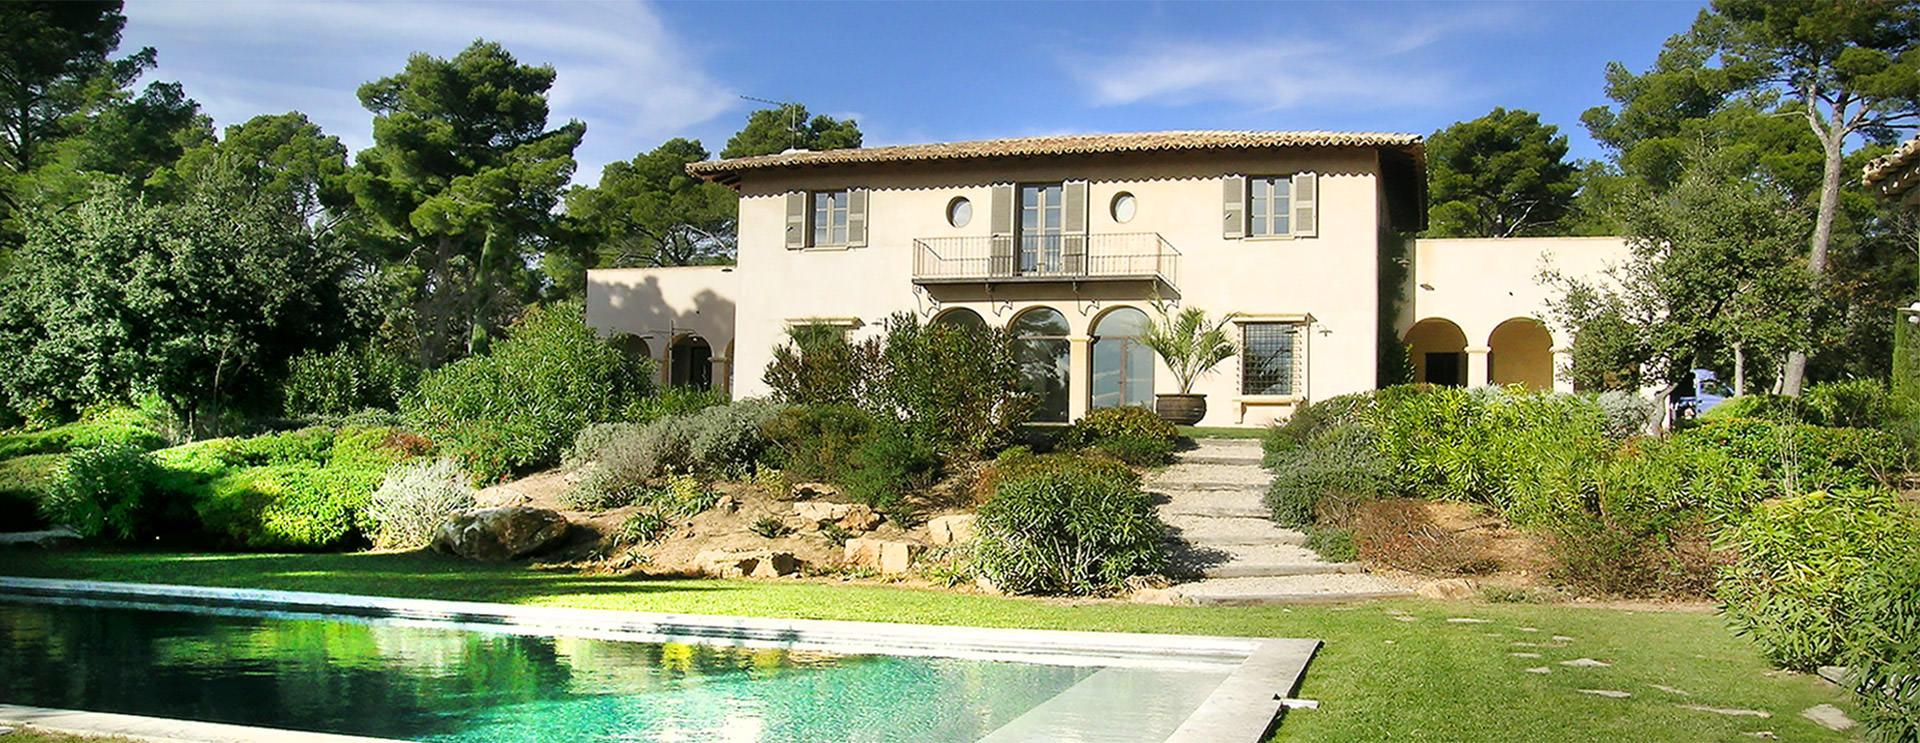 Immobilier aix en provence propri t s mas bastides for Aix en provence location maison